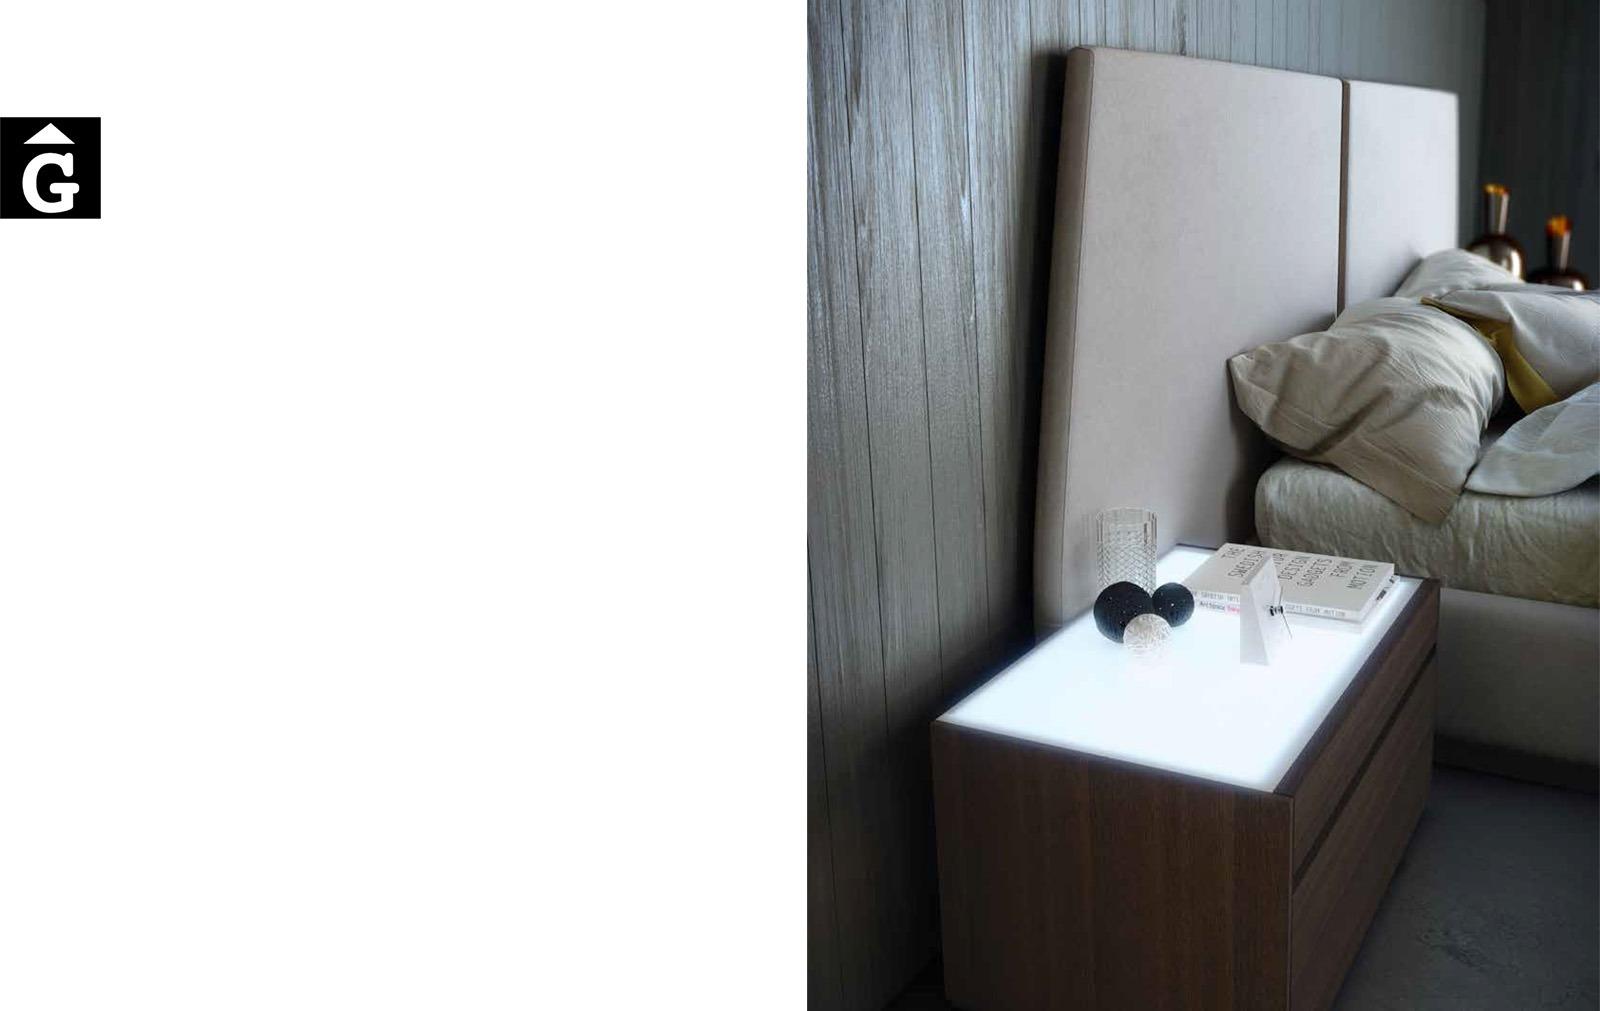 24 1 Area mobles Ciurans per mobles Gifreu programa modular disseny atemporal realitzat amb materials i ferratges de qualitat estil modern minimal